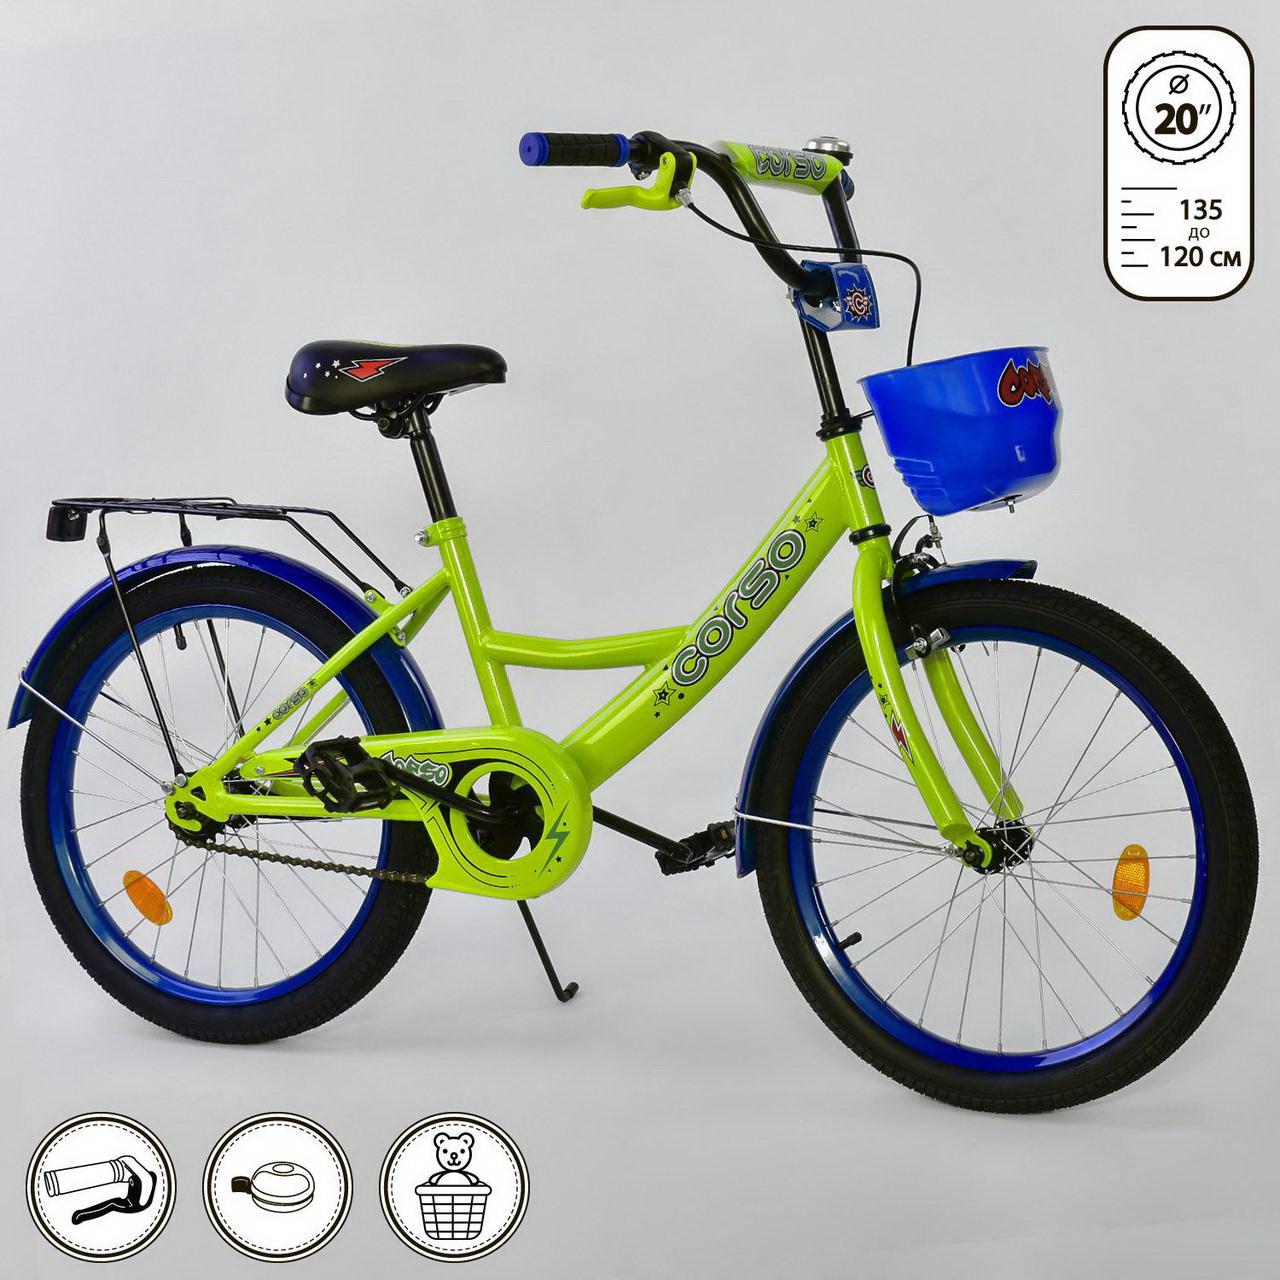 Велосипед 2-х колёсный CORSO, 20 дюймов, Салатовый (G-20424)